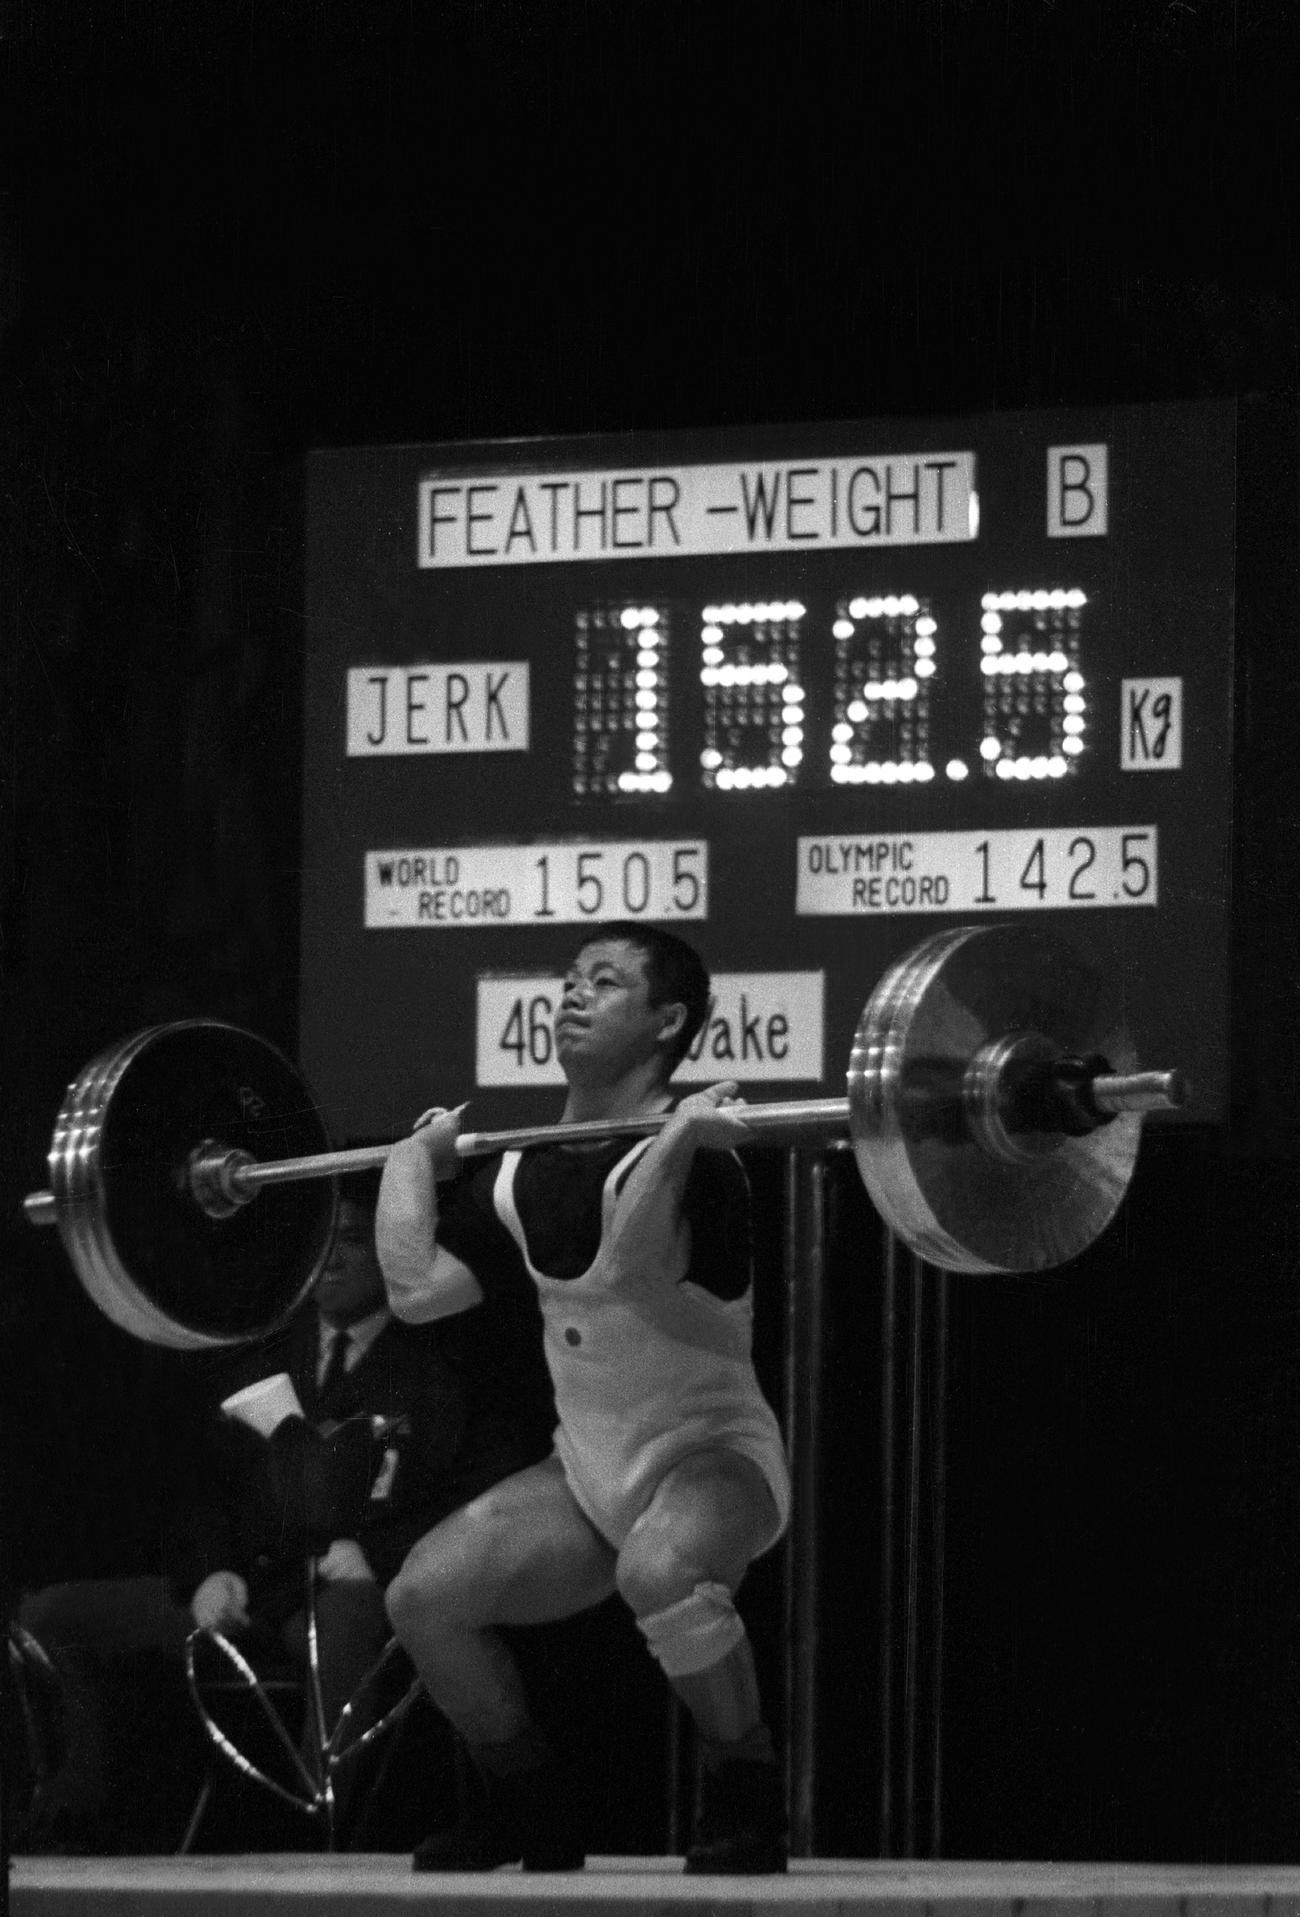 64年10月、東京五輪重量挙げフェザー級で金メダルを獲得した三宅義信のジャーク